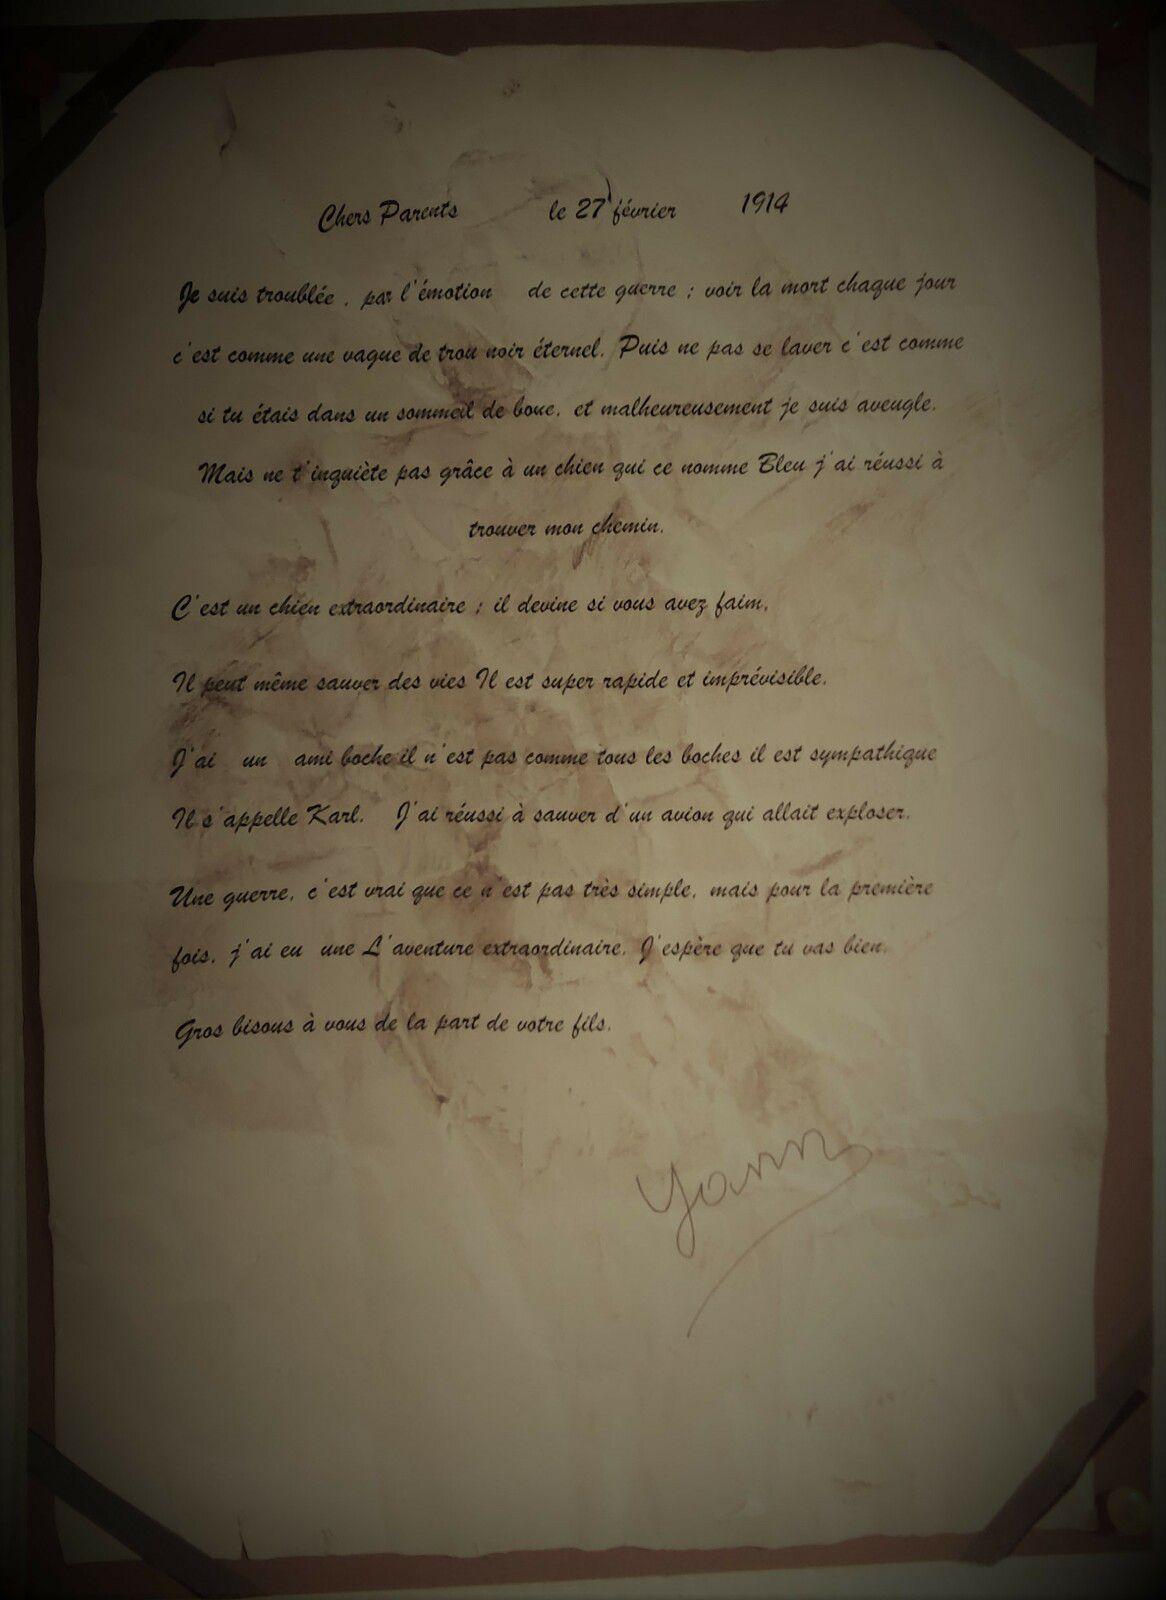 Lettres de poilus.